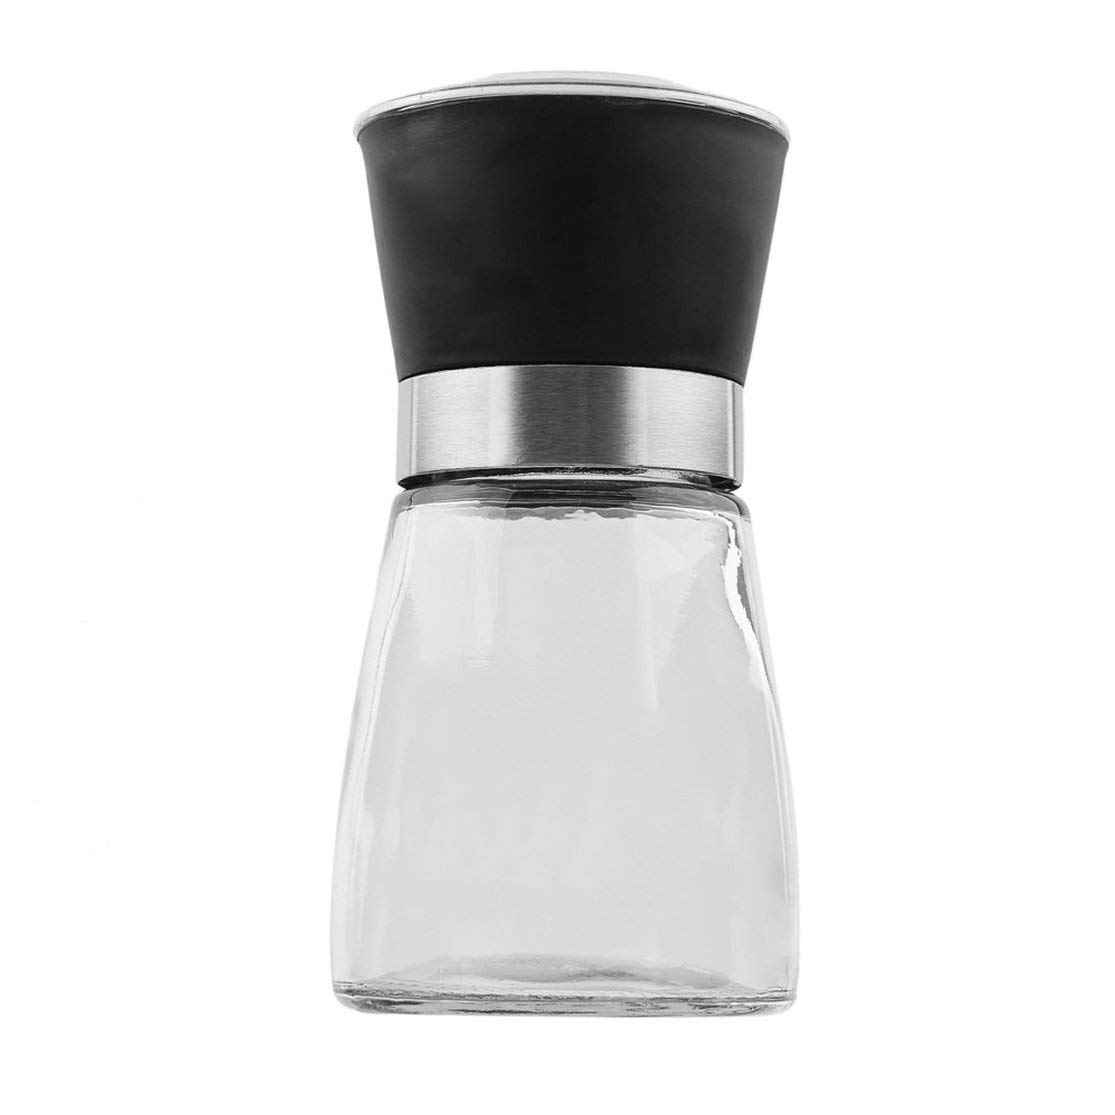 Color:black Hogar creativo Accesorios de cocina Acero inoxidable Vidrio Manual Pimienta Sal Especias Molinillo Pimienta Molinillo Especias Contenedor